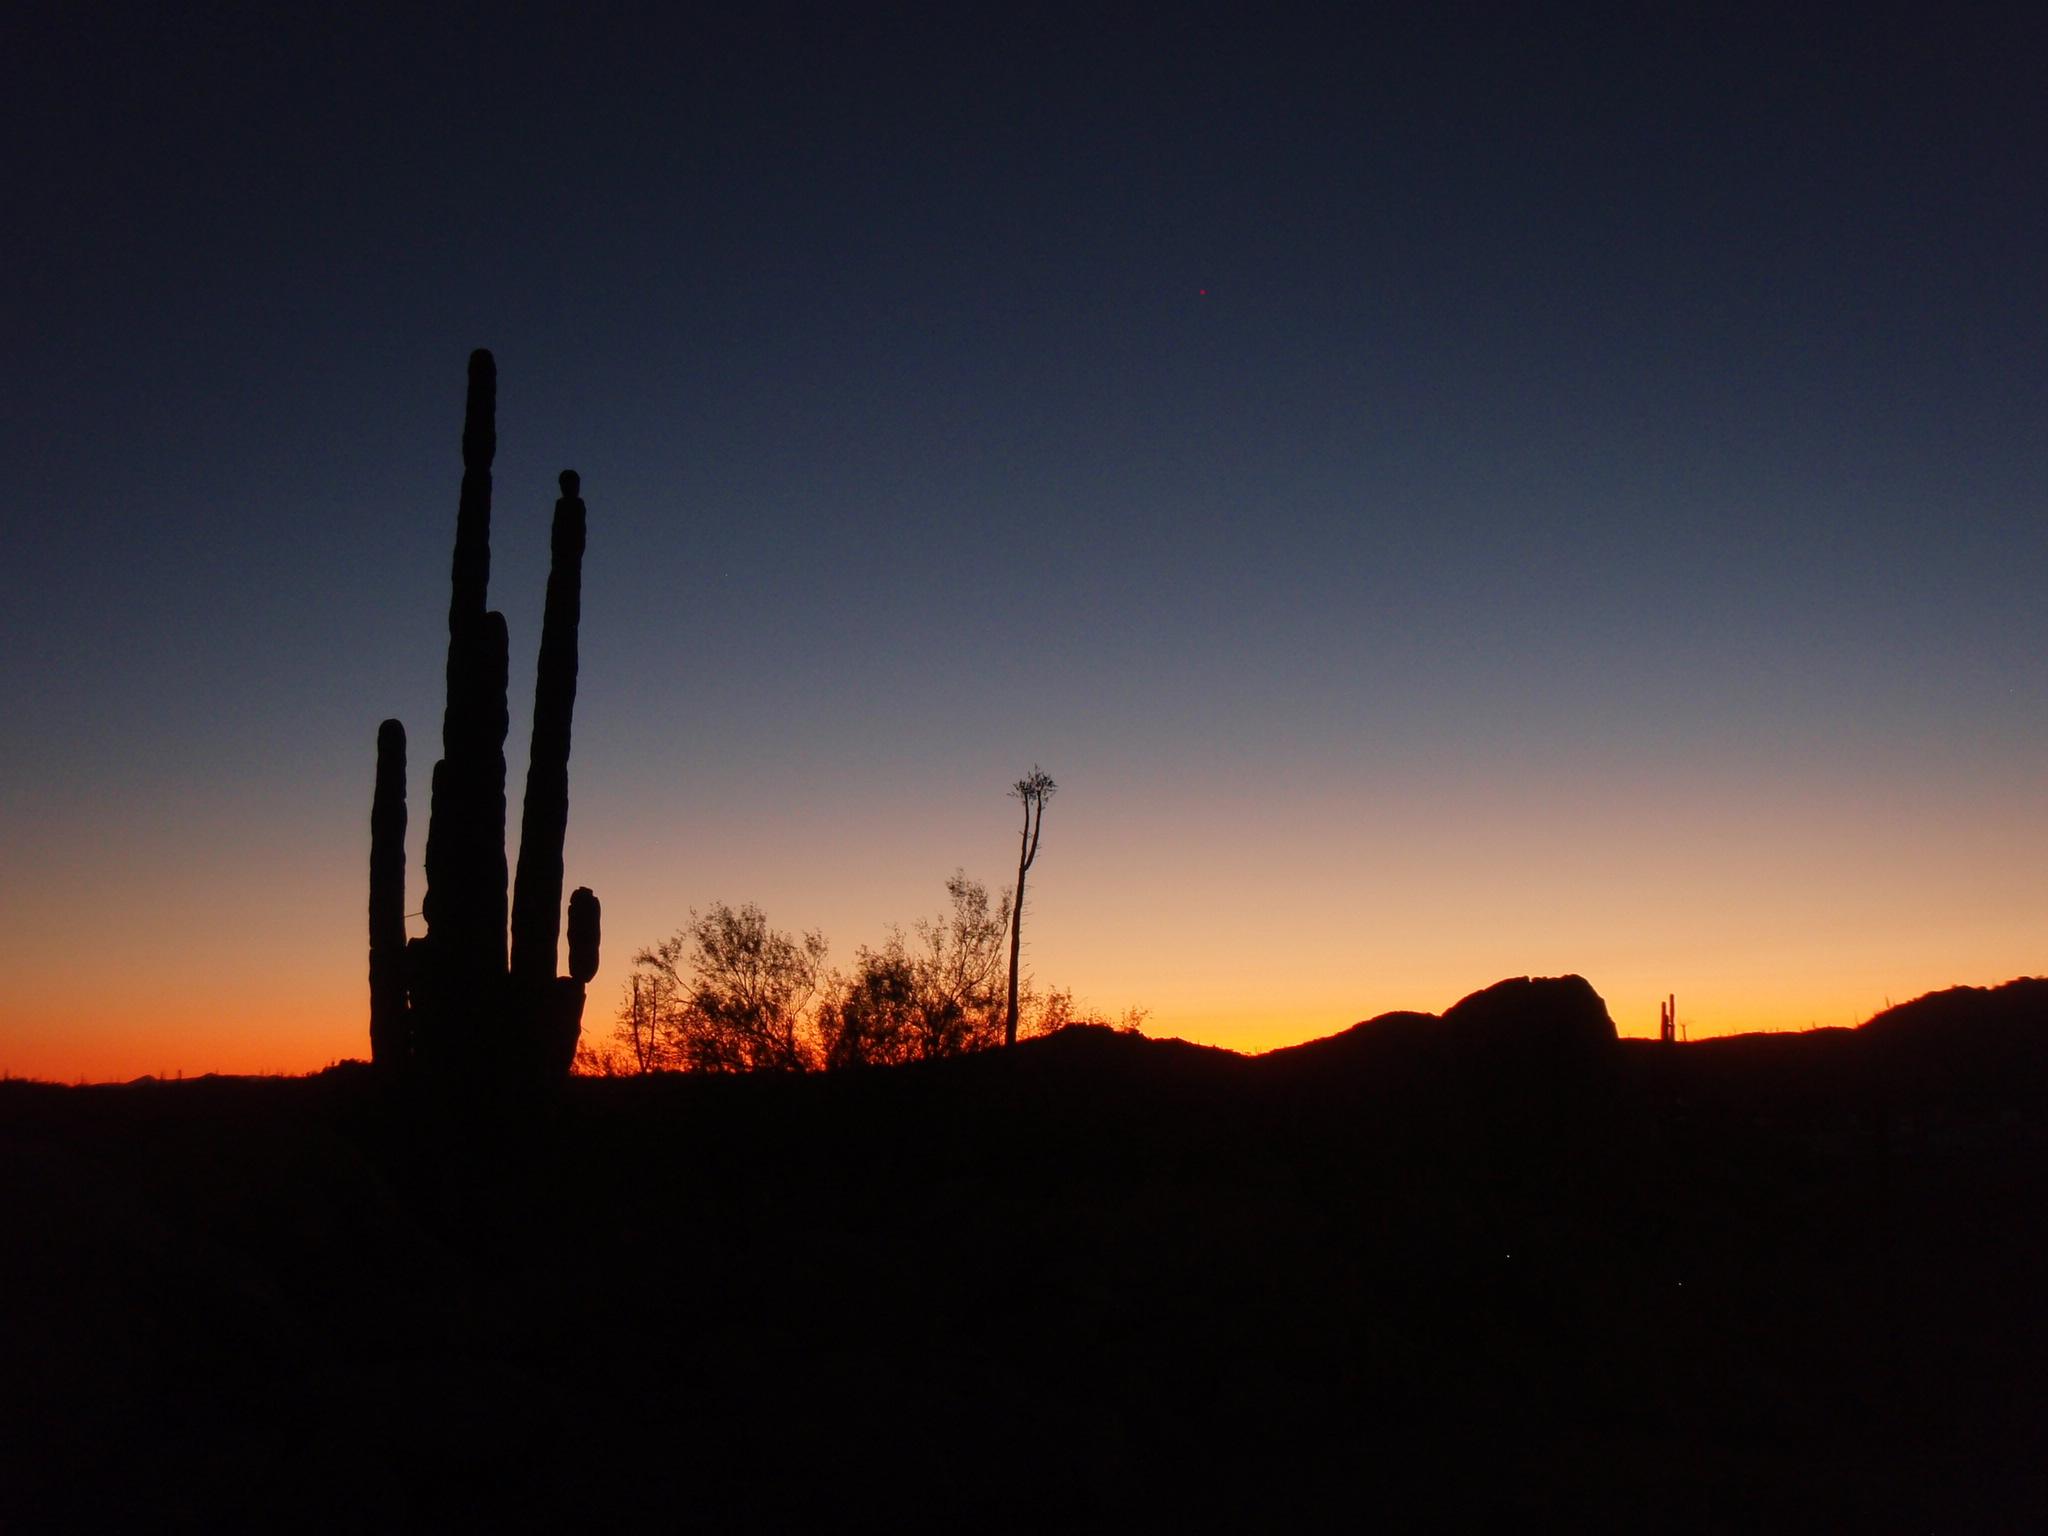 Sunset in Catavina in Central Baja